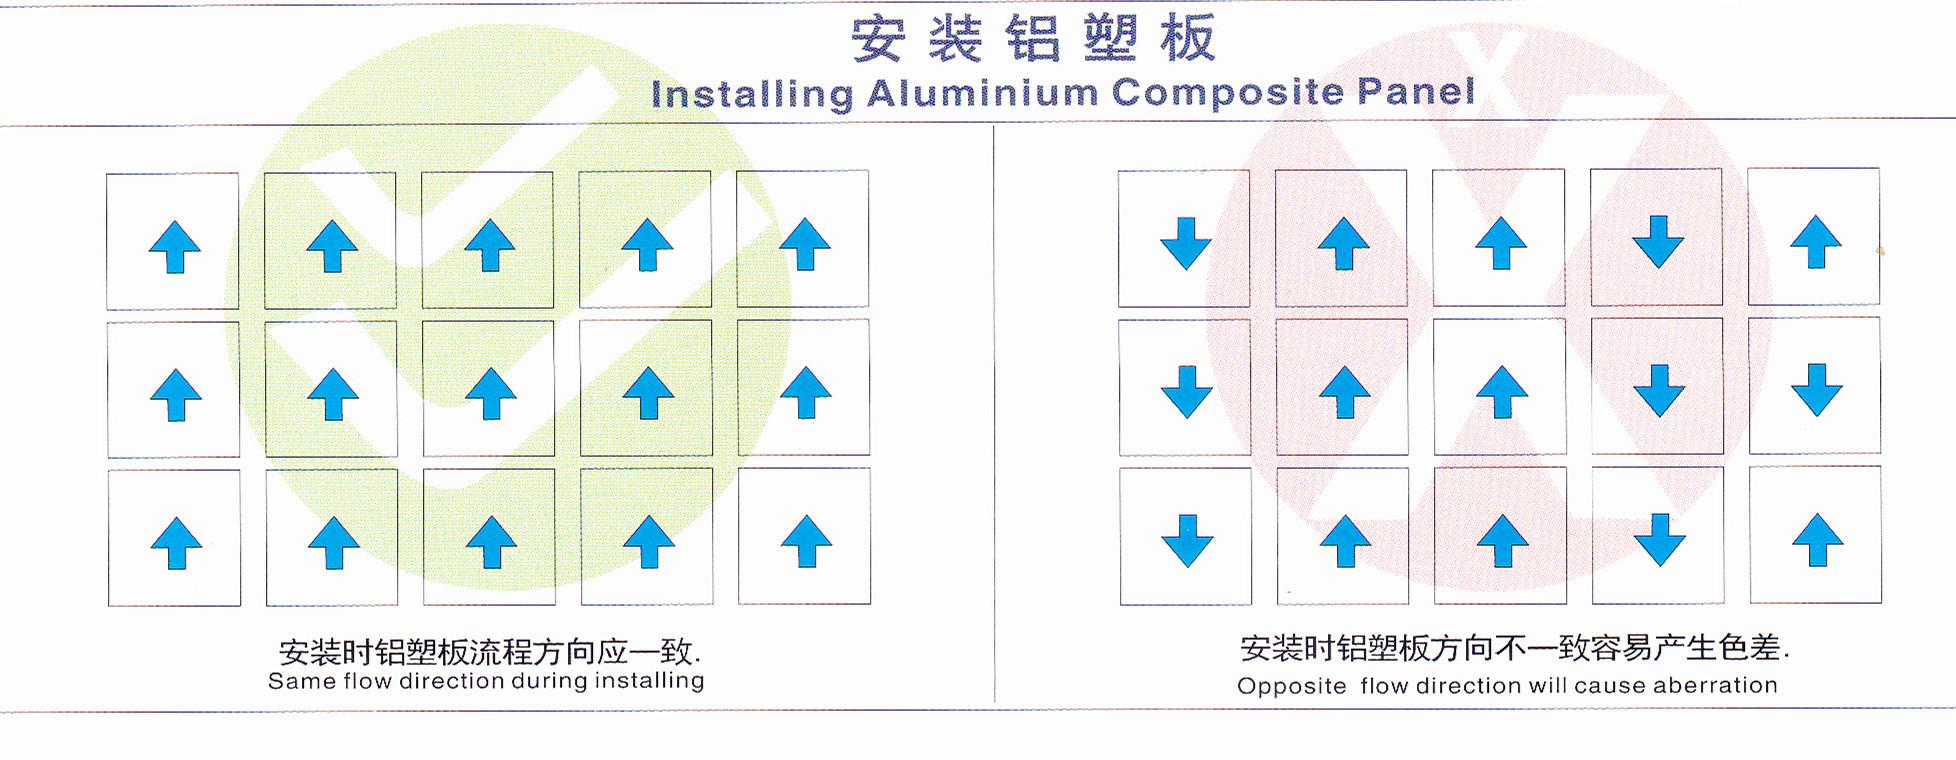 Instalación de aluminio panel.jpg compuesto